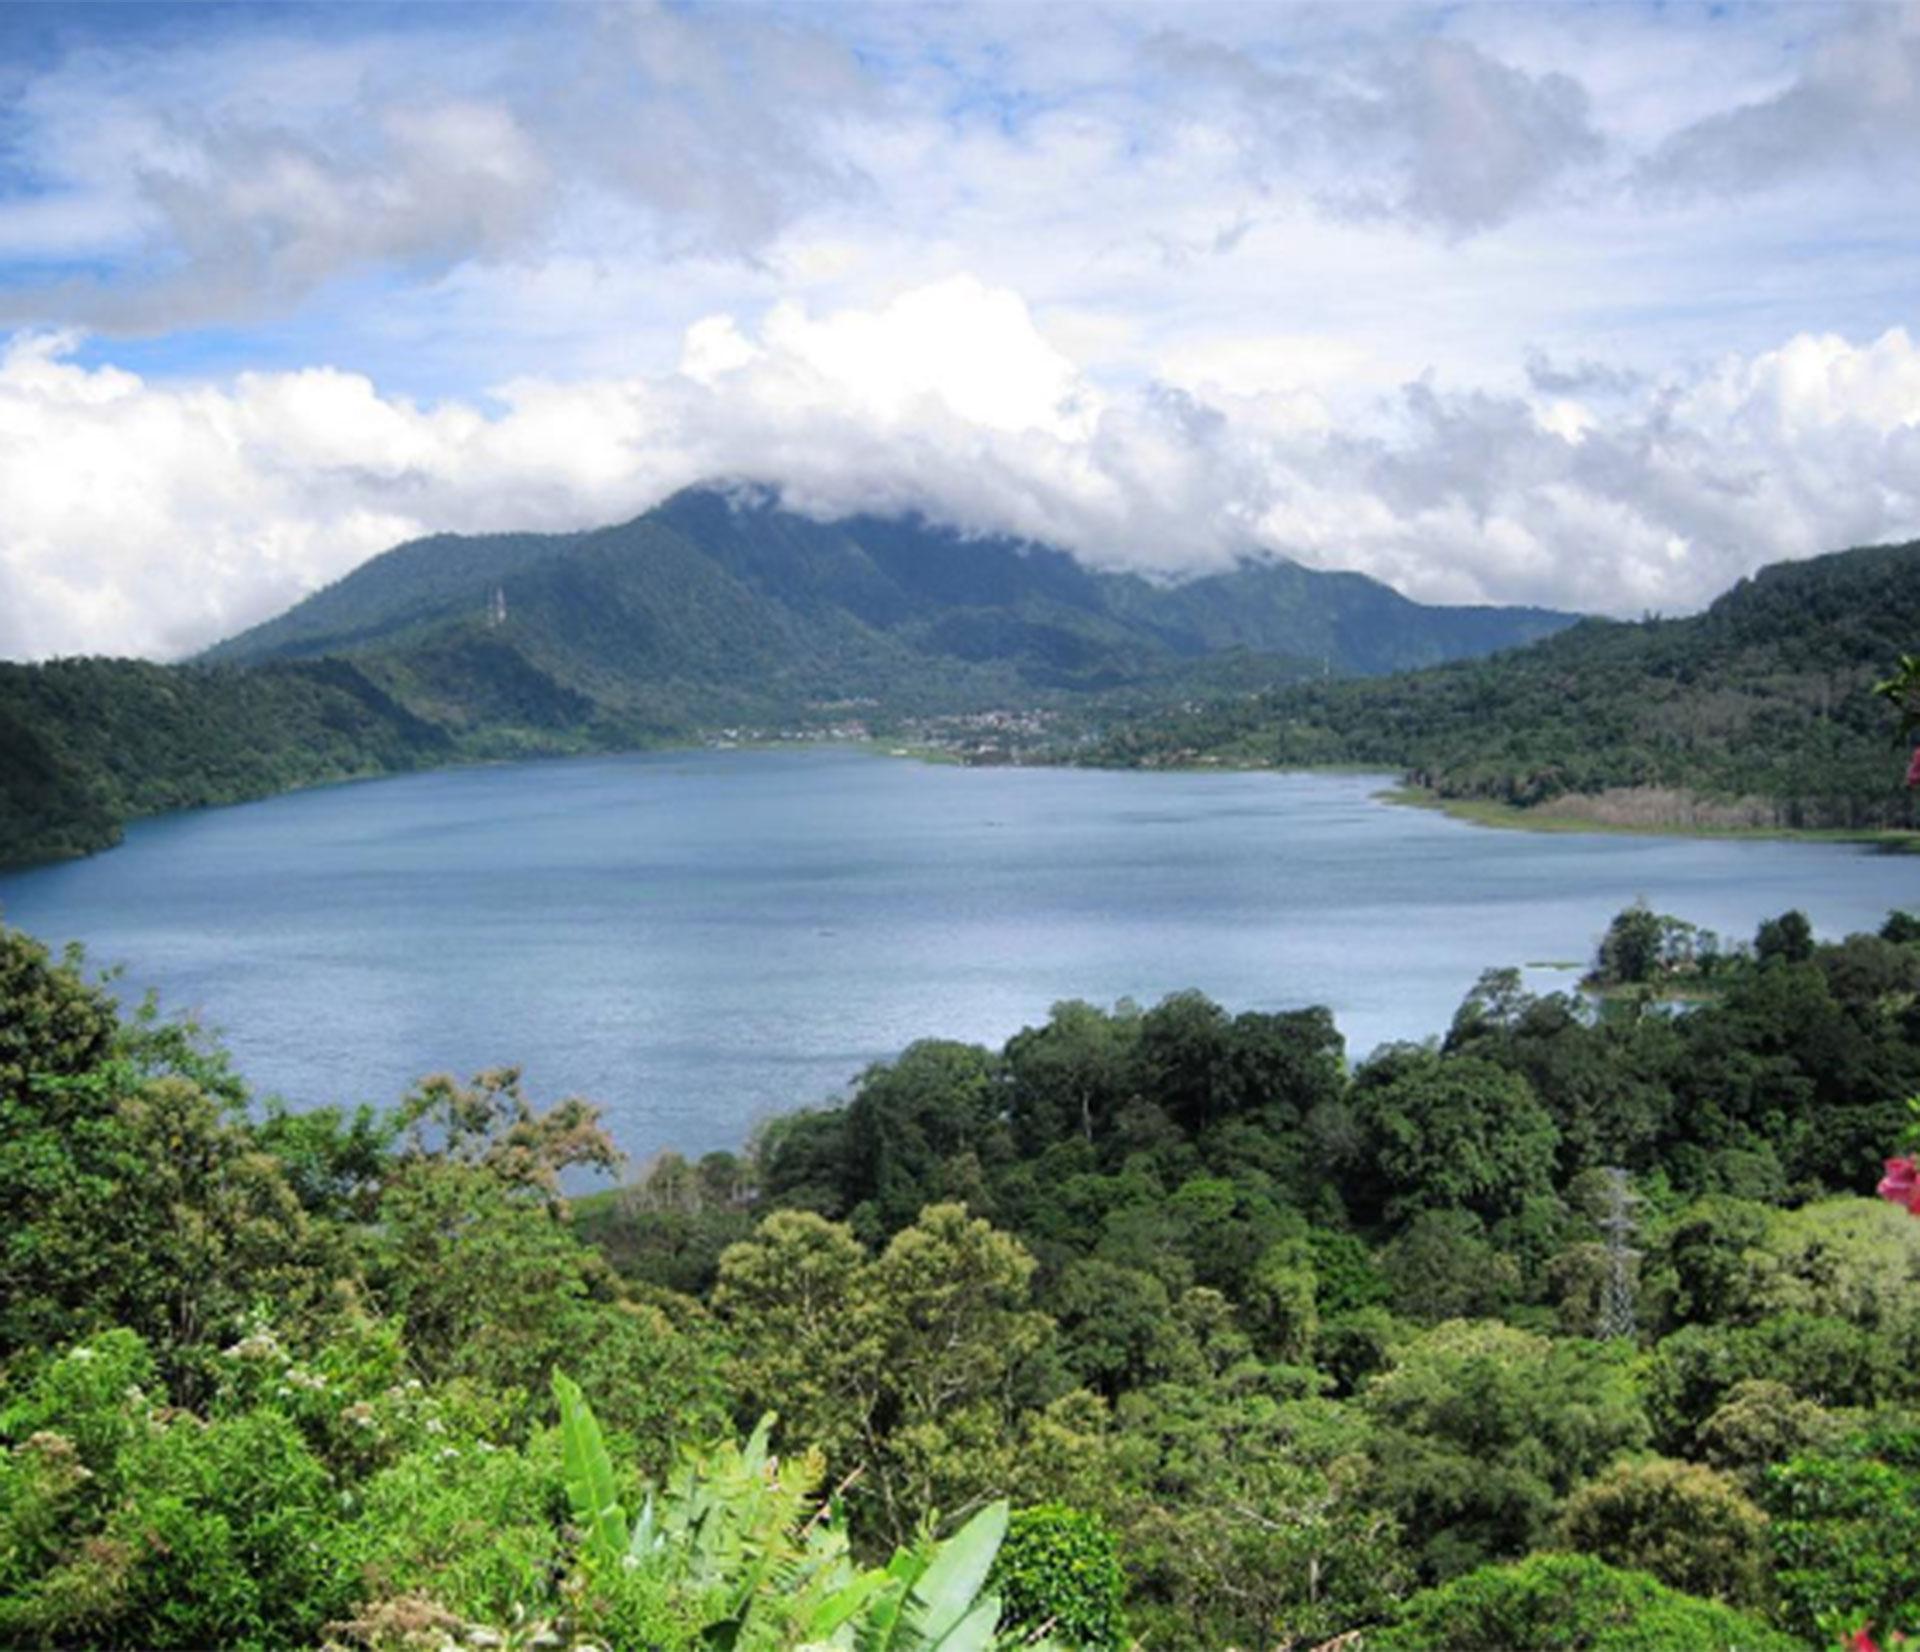 Bali, otro lugar impactante en el recorrido de Jeppesen